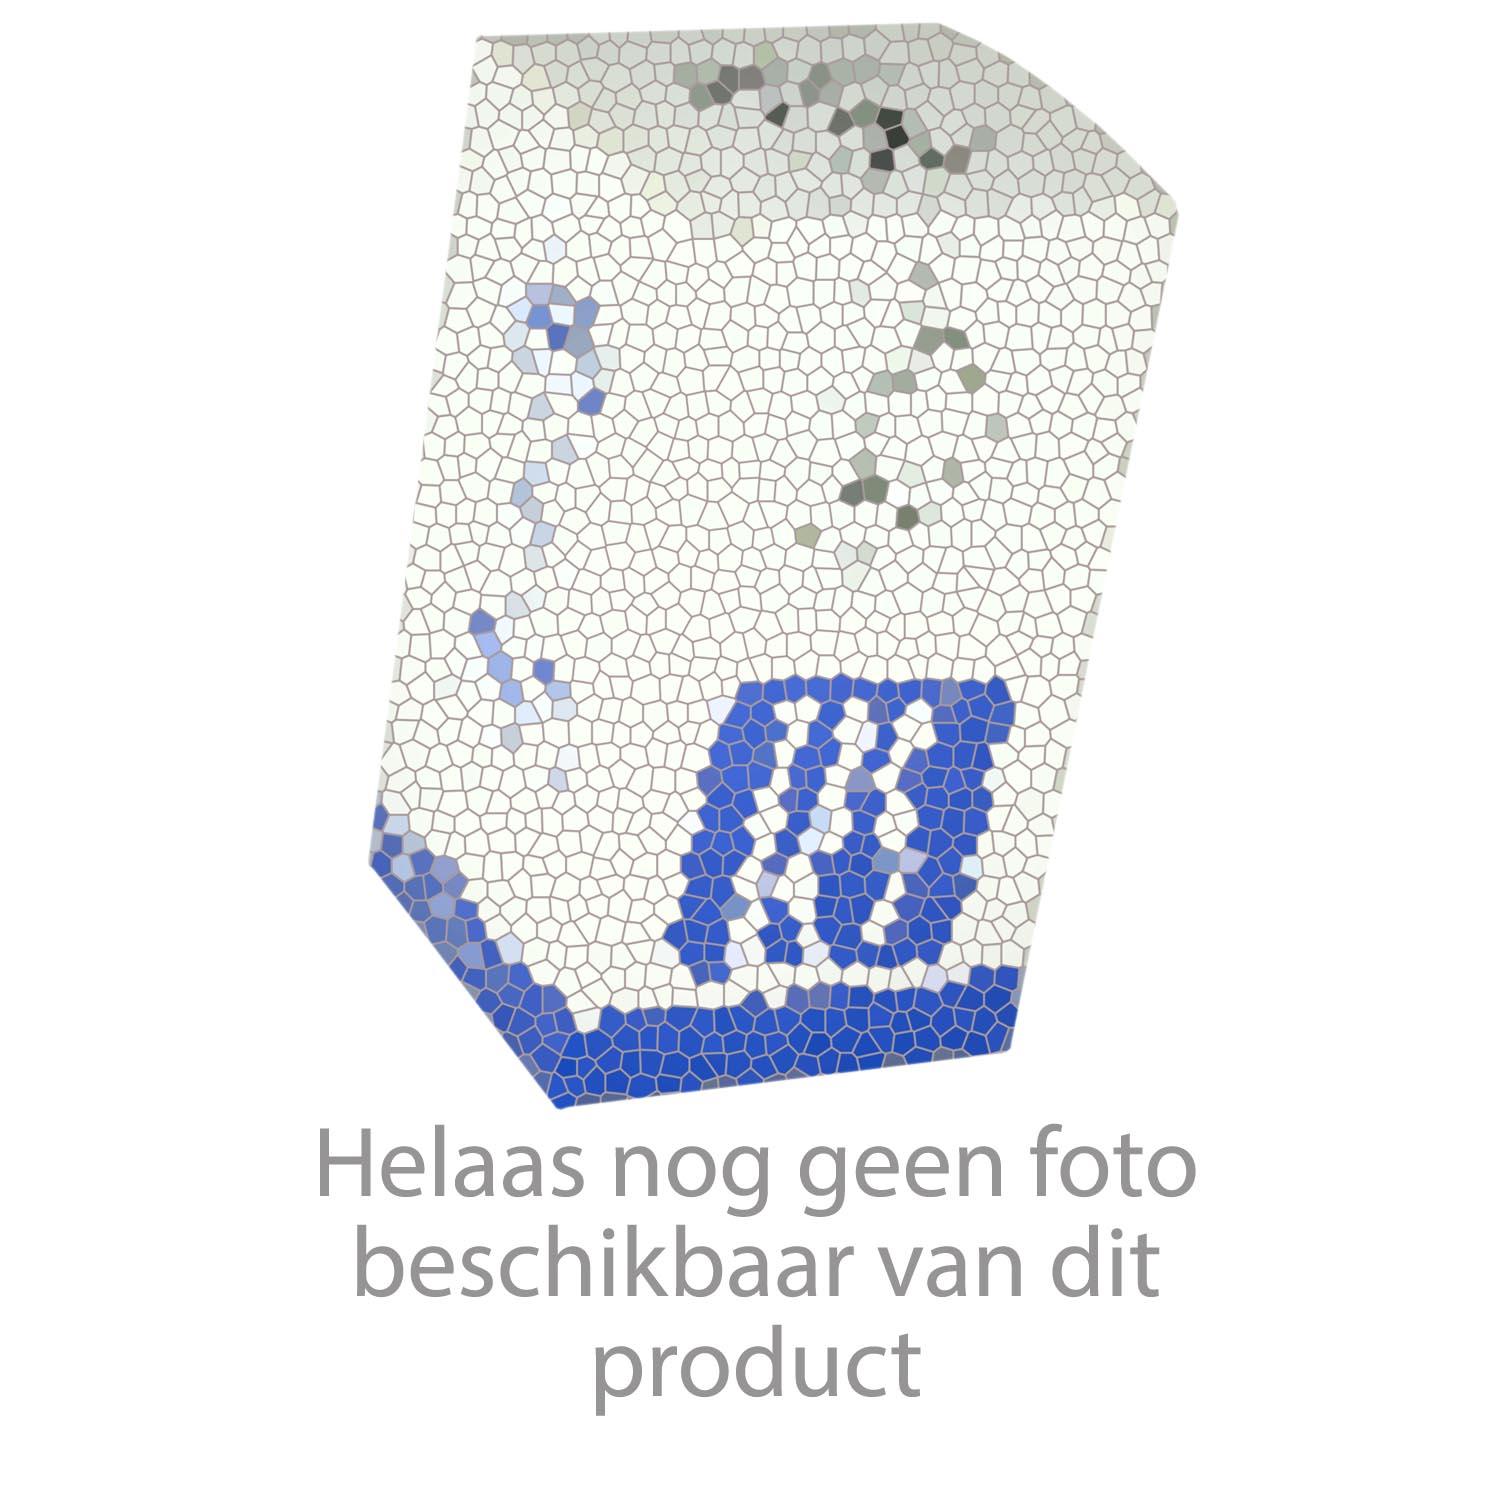 Geesa 5000 2-lids handdoekhouder draaibaar buis Chroom